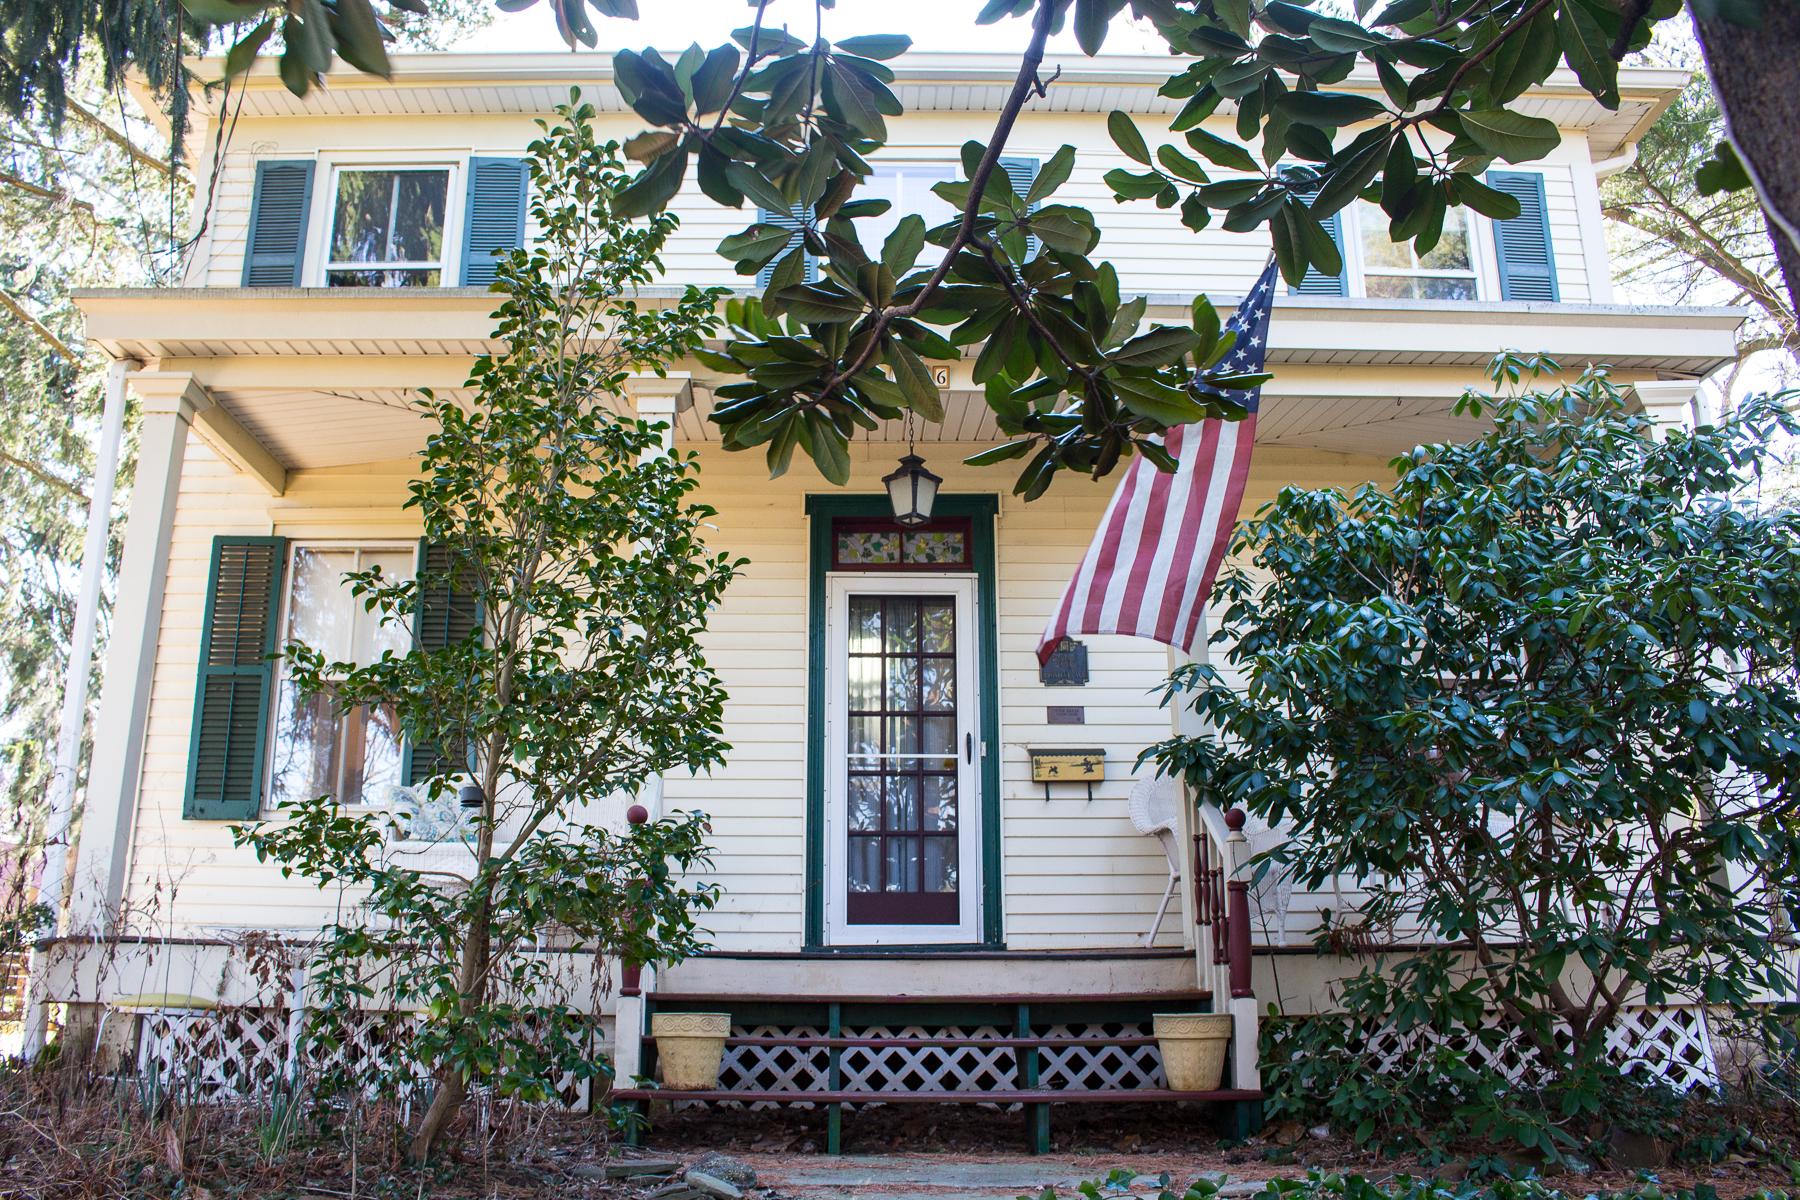 独户住宅 为 销售 在 586 Prospect Ave. 小银镇, 新泽西州 07739 美国